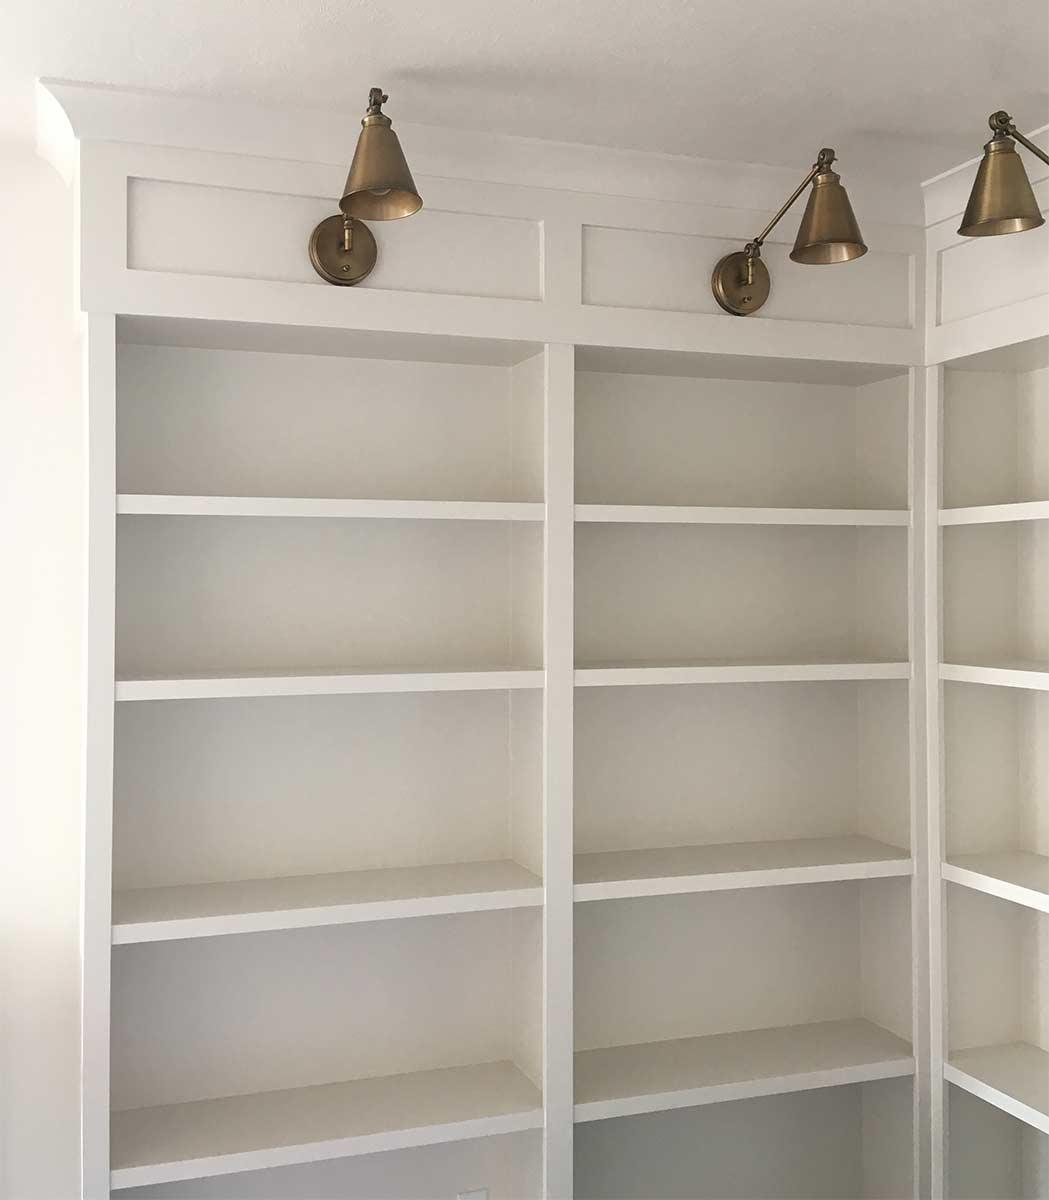 Sunpro Millwork Built in Shelves for Library